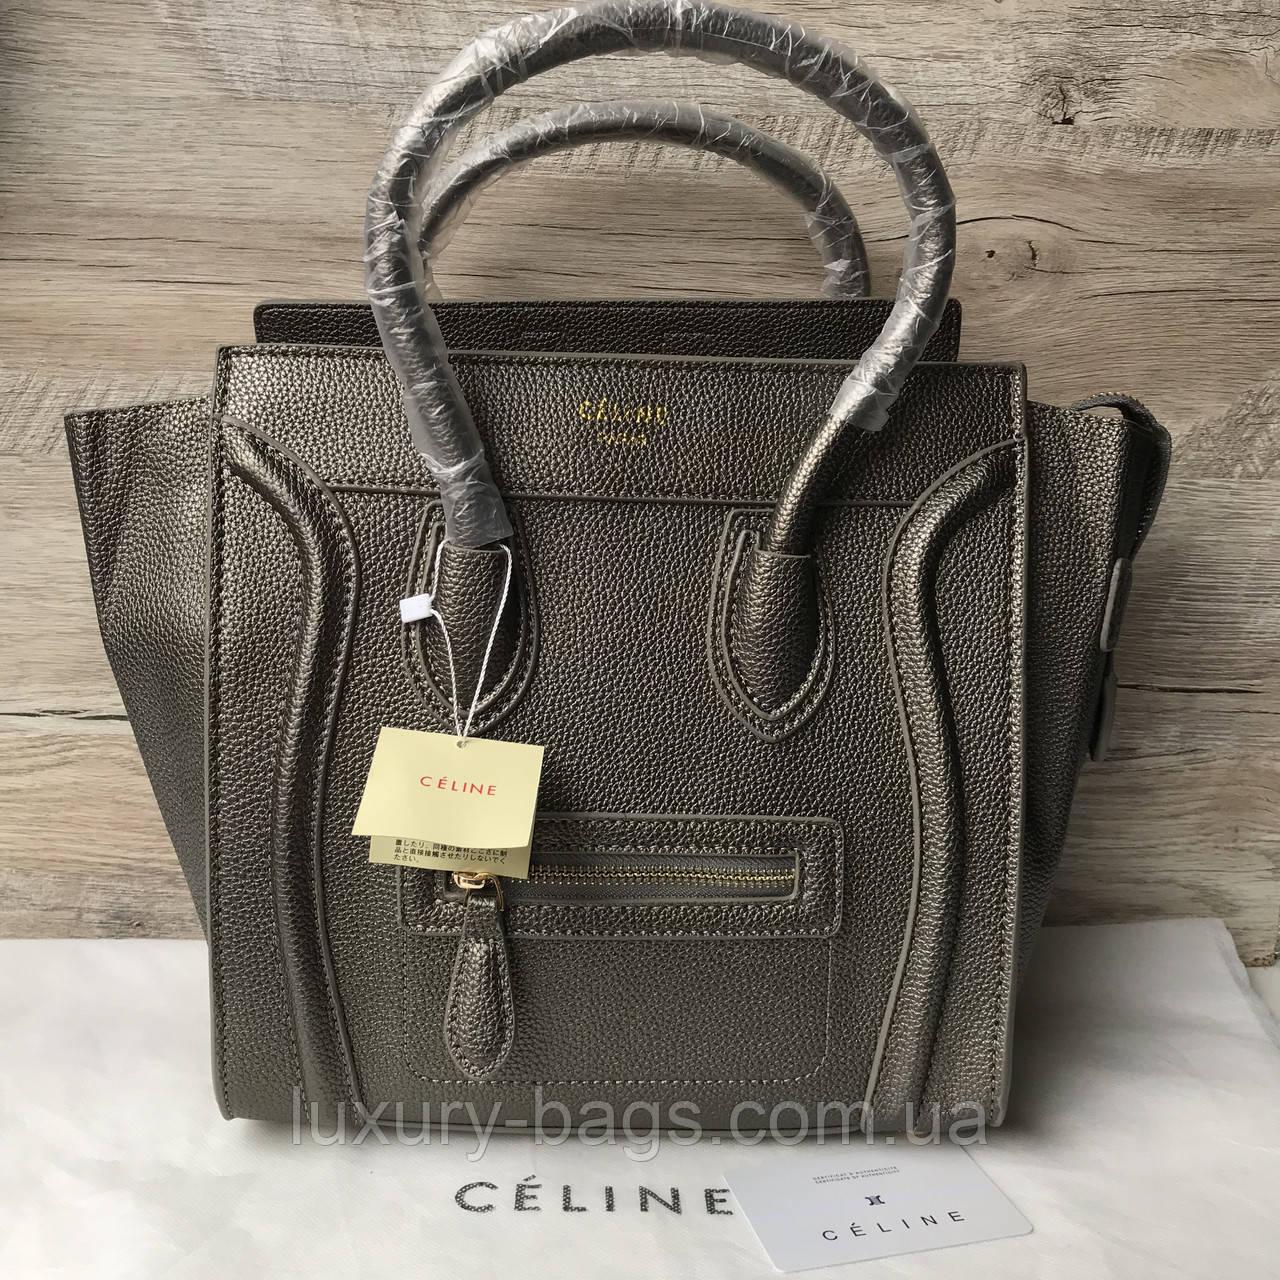 306eabf8d643 Женская сумка Celine Phantom Селин Фантом, цена 901 грн., купить в Одессе —  Prom.ua (ID#643669736)